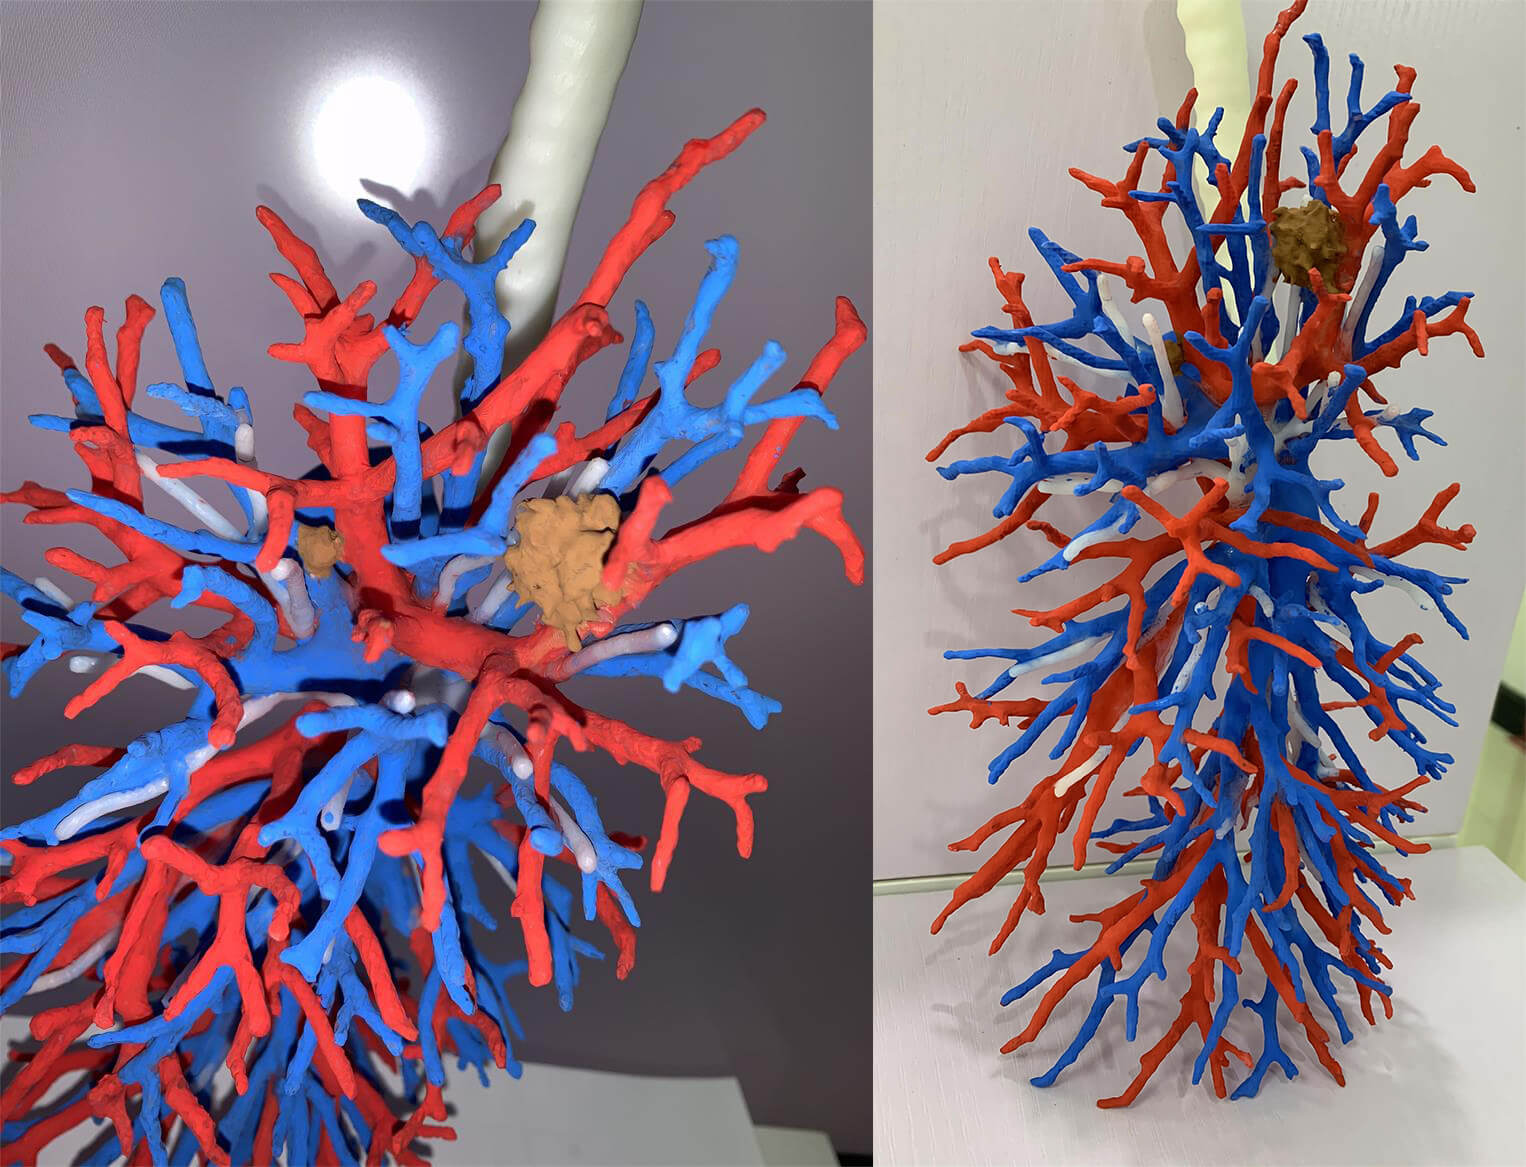 左上肺尖后段磨玻璃结节(蓝色:肺动脉,红色:肺静脉,白色:支气管,棕色:磨玻璃结节)